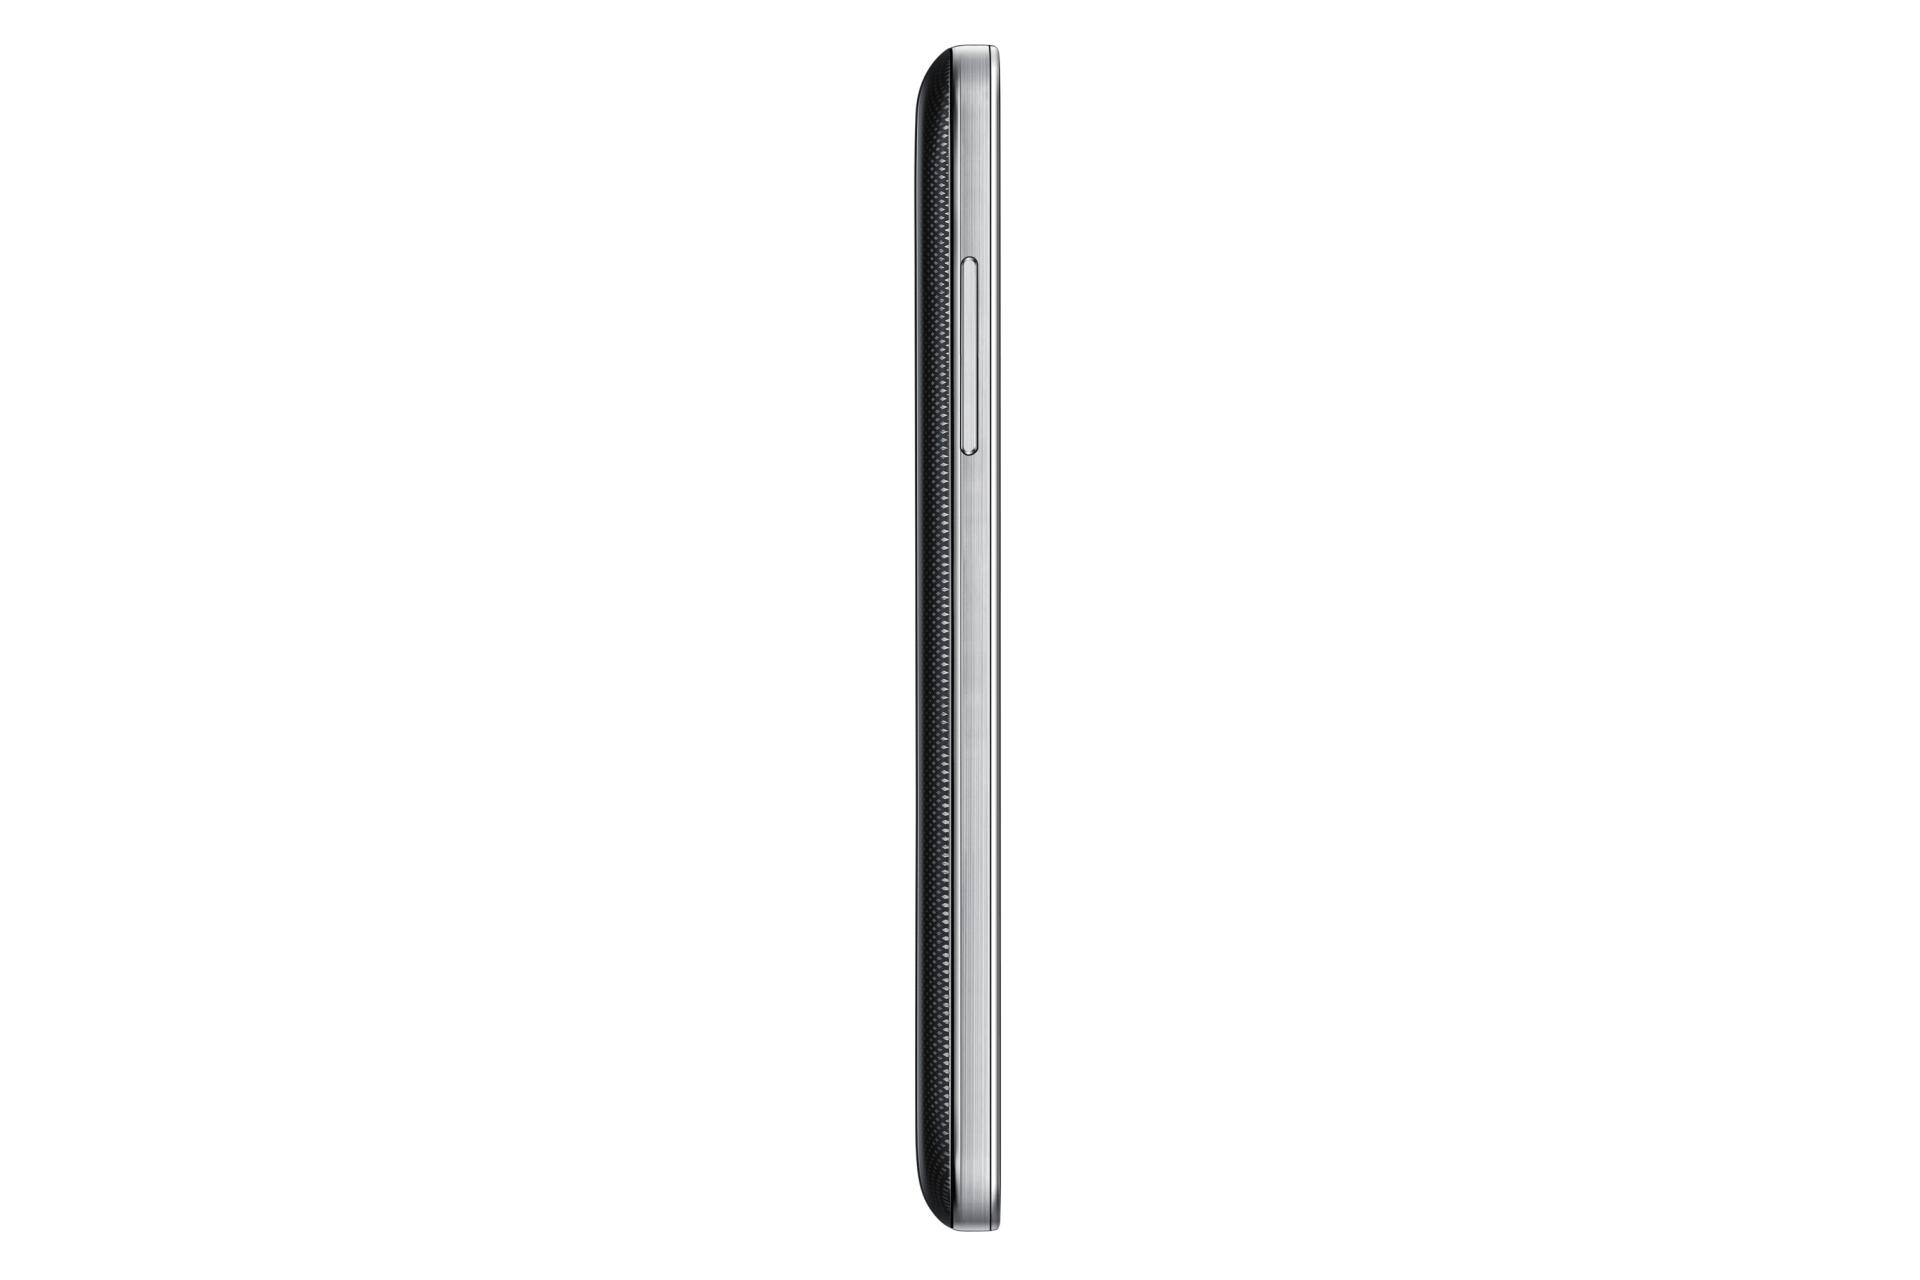 Samsung: Galaxy S4 Mini kommt für 400 Euro - Das Galaxy S4 Mini ist 8,94 mm dick und wiegt 107 Gramm. (Bild: Samsung)